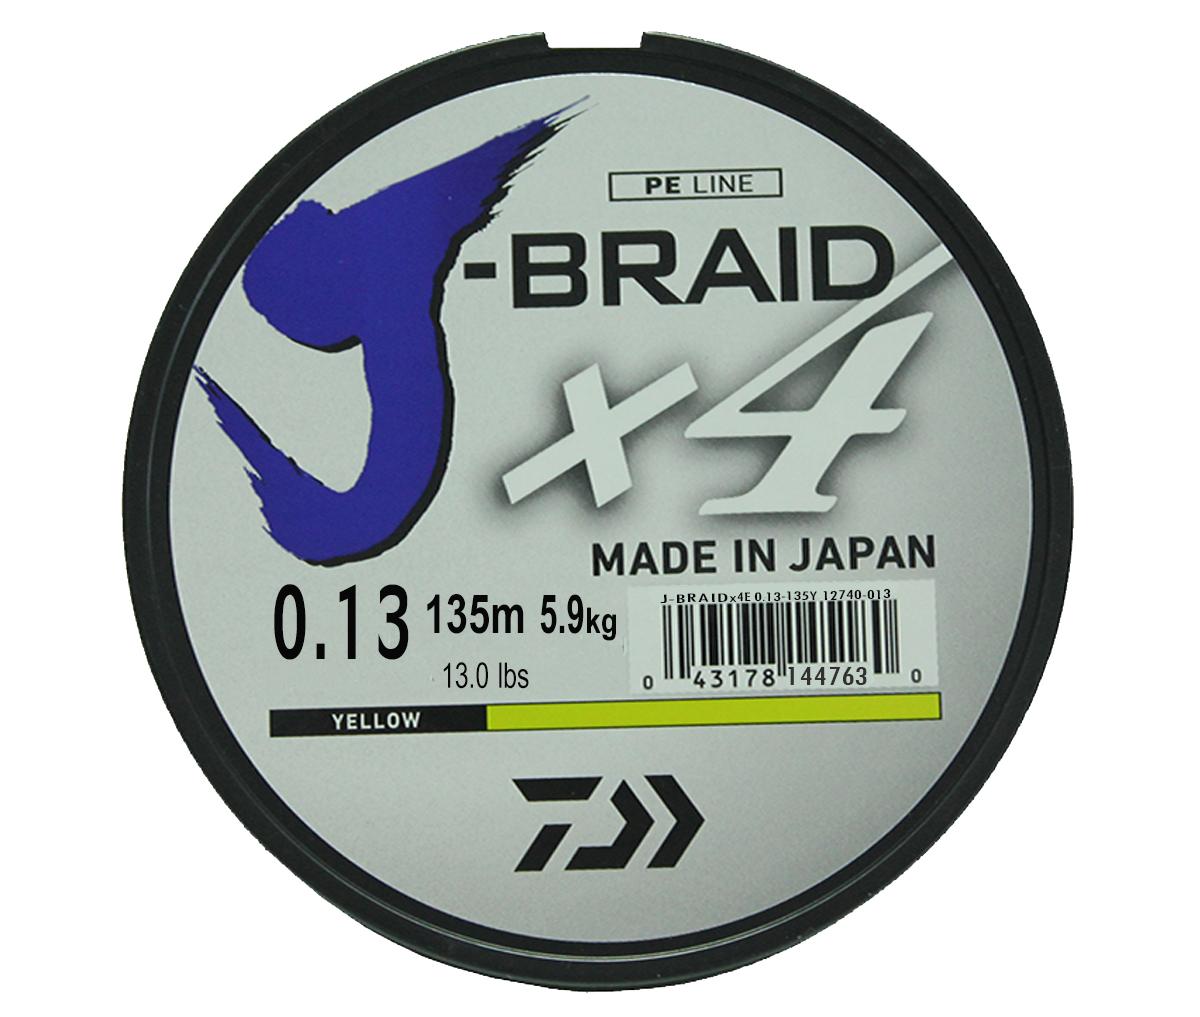 Шнур плетеный Daiwa J-Braid X4, цвет: флуоресцентный желтый, 135 м, 0,13 мм61137Новый 4х жильный шнур J-Braid, DAIWA - шнур высокого класса с удивительным соотношением цены и качества. Качество плетения полностью соответствует японским стандартам и удовлетворяет всем требованиям. Представленные диаметры позволяют использовать шнур для всех техник ловли, начиная от ultra- light ловли окуня, до морской ловли палтуса, трески и т.д